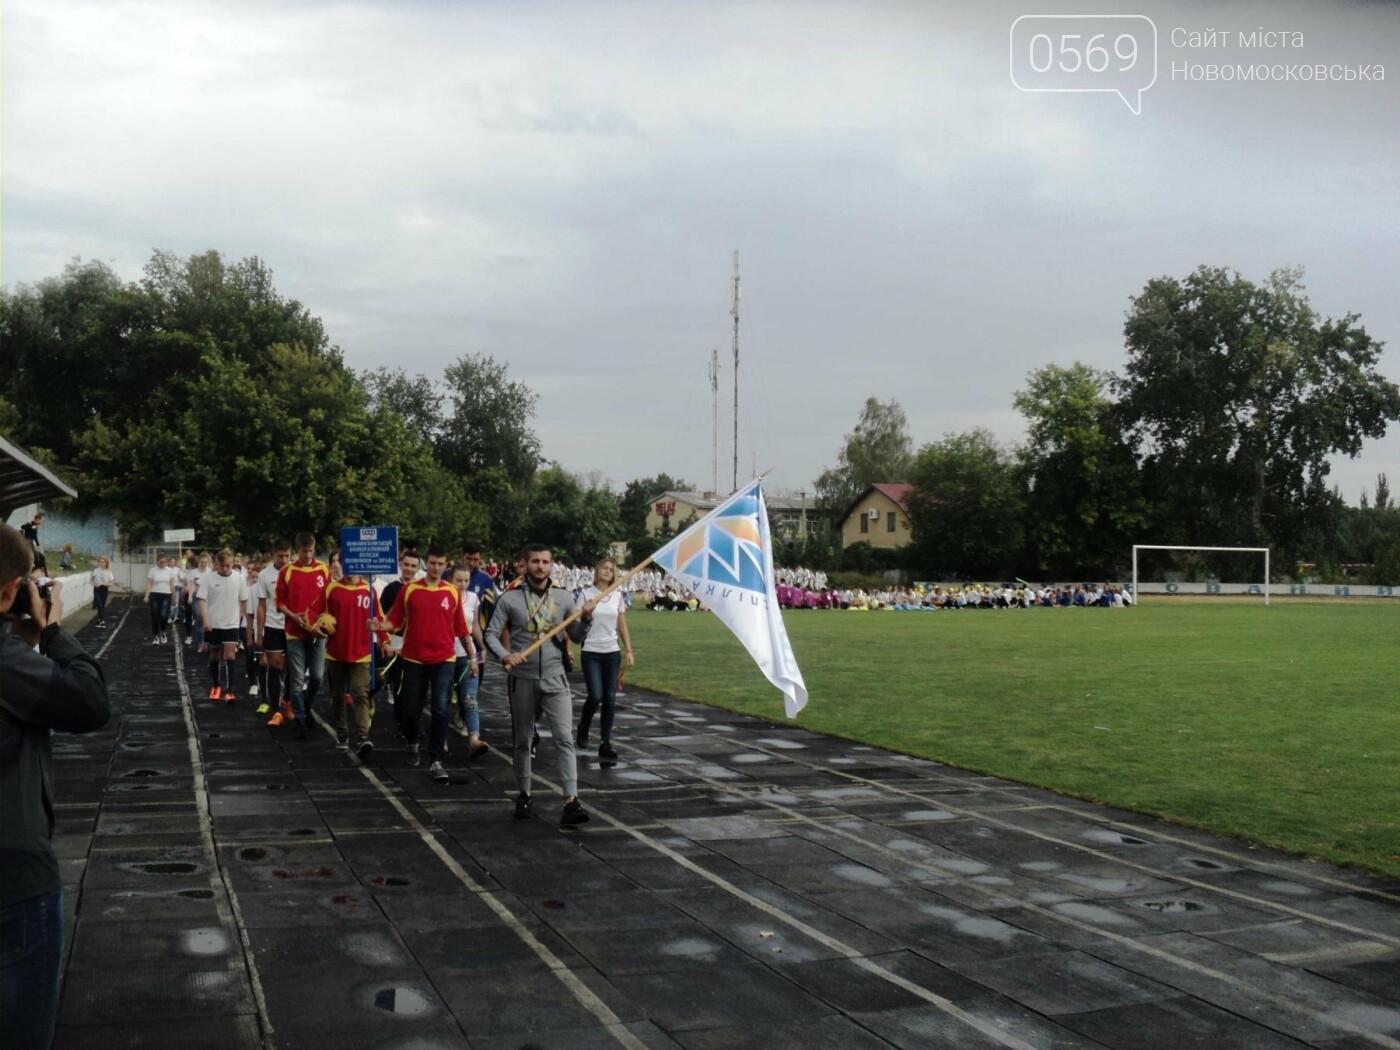 В Новомосковську відсвяткували День фізкультури та спорту, фото-9